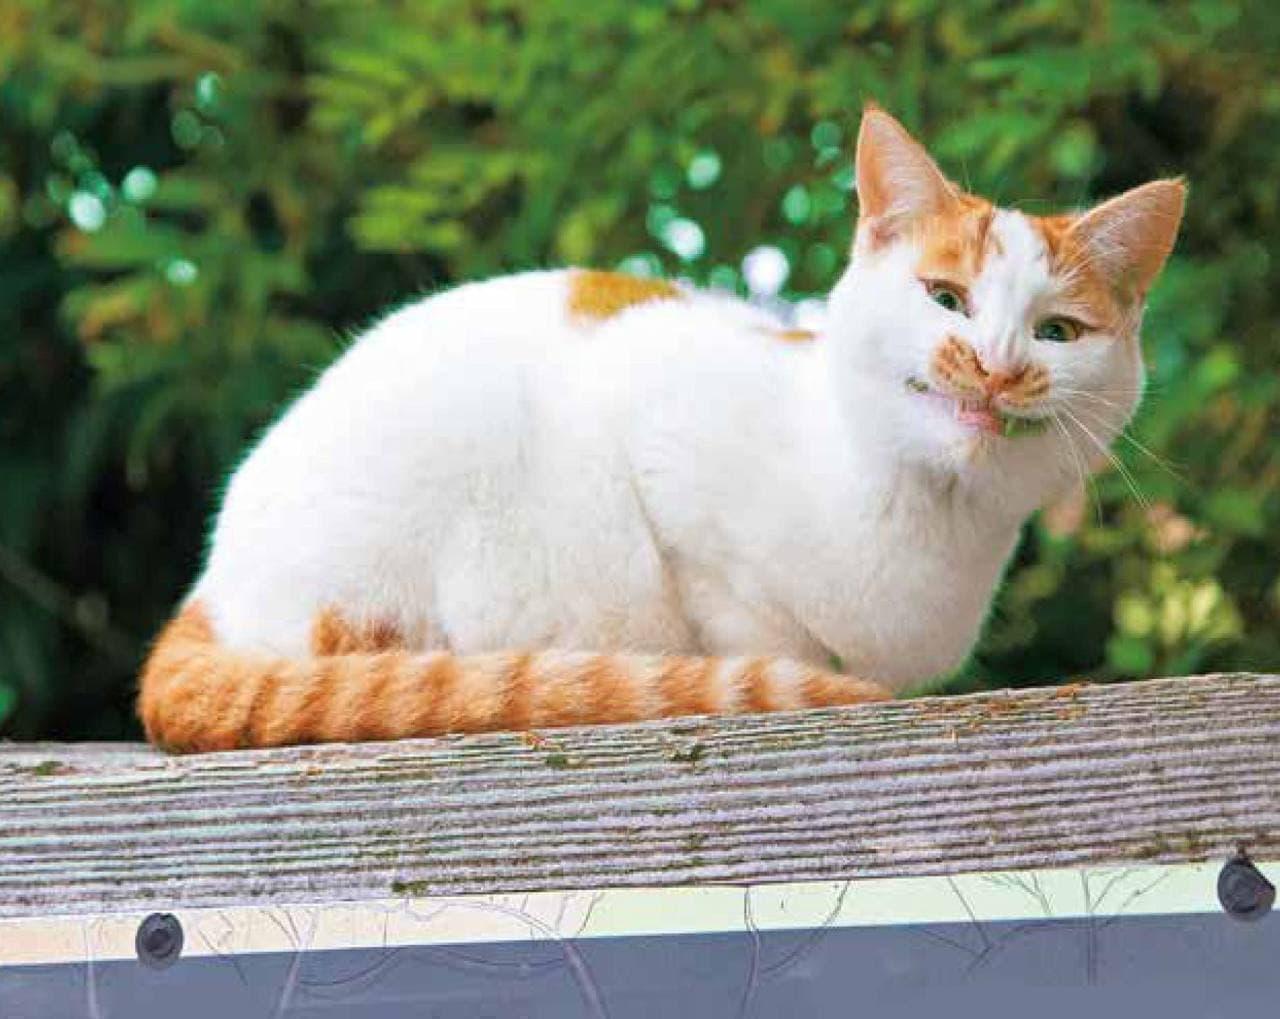 ネコ写真集『イキってるネコ』8月2日発売 沖昌之さんが撮影したちょいワルなネコたち